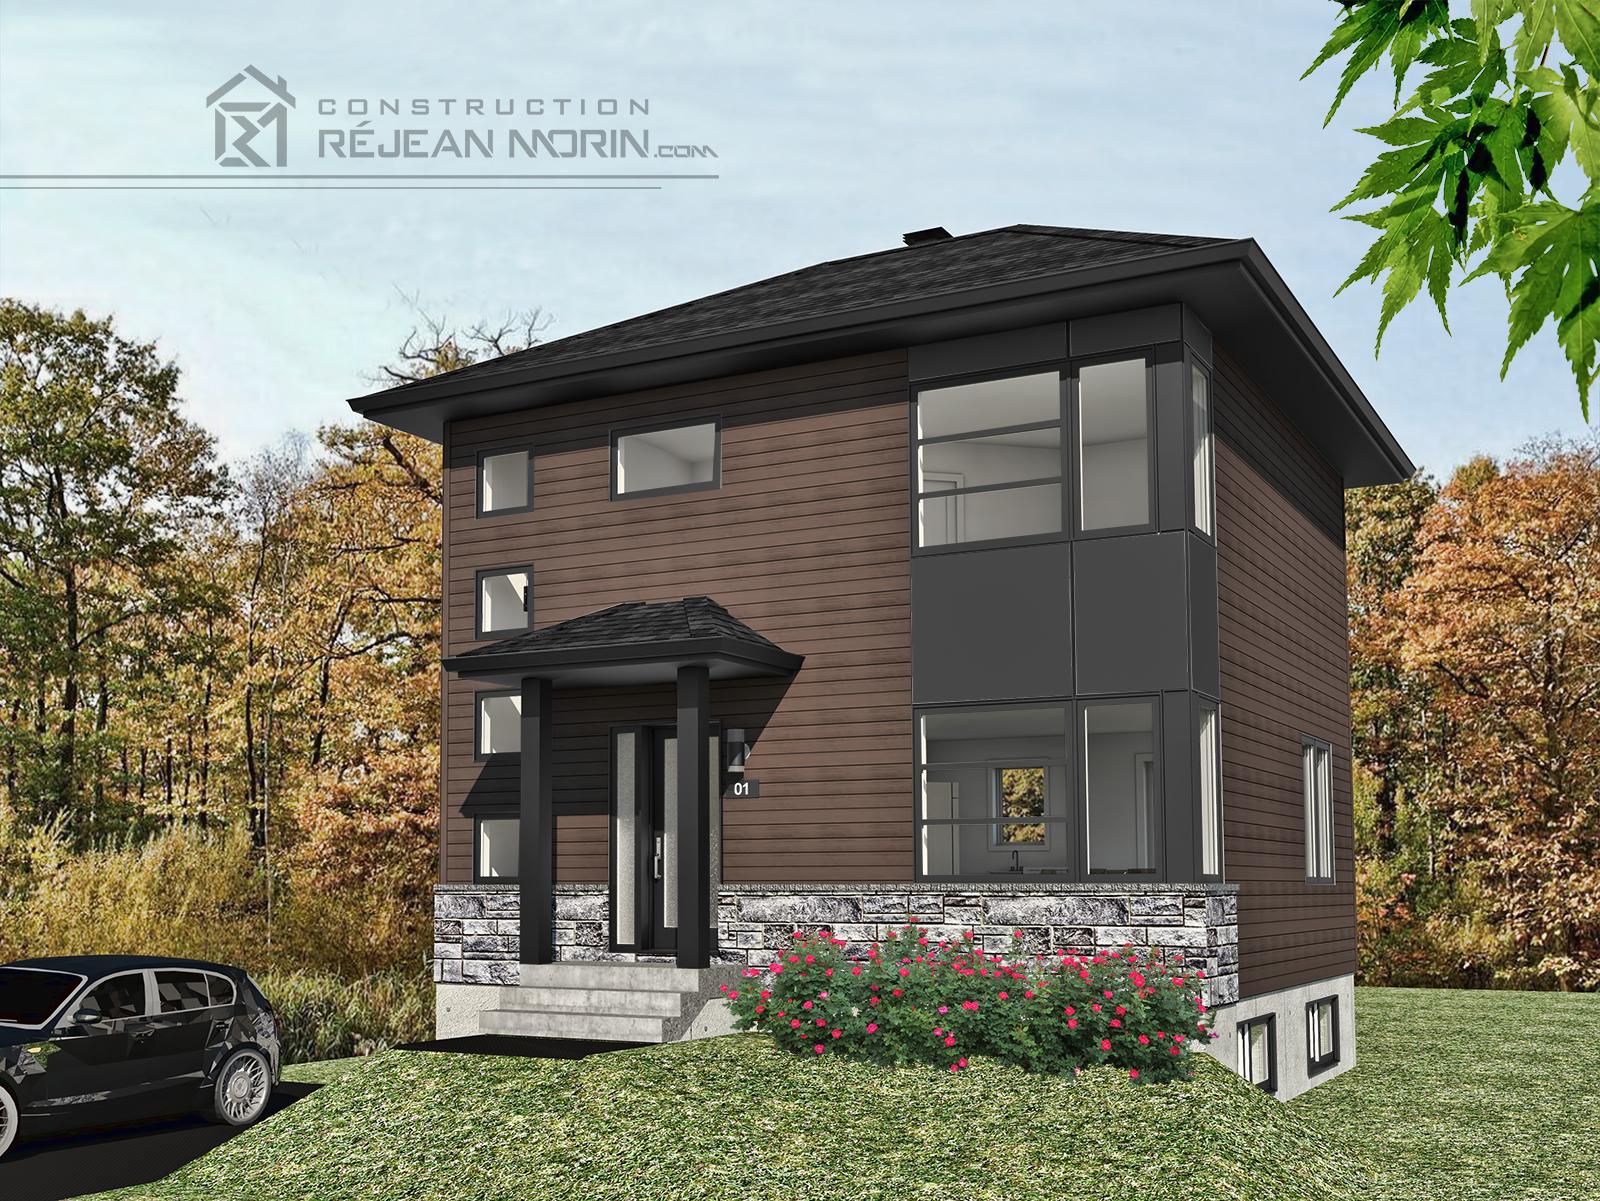 c 1002 rendu brun et noir. Black Bedroom Furniture Sets. Home Design Ideas